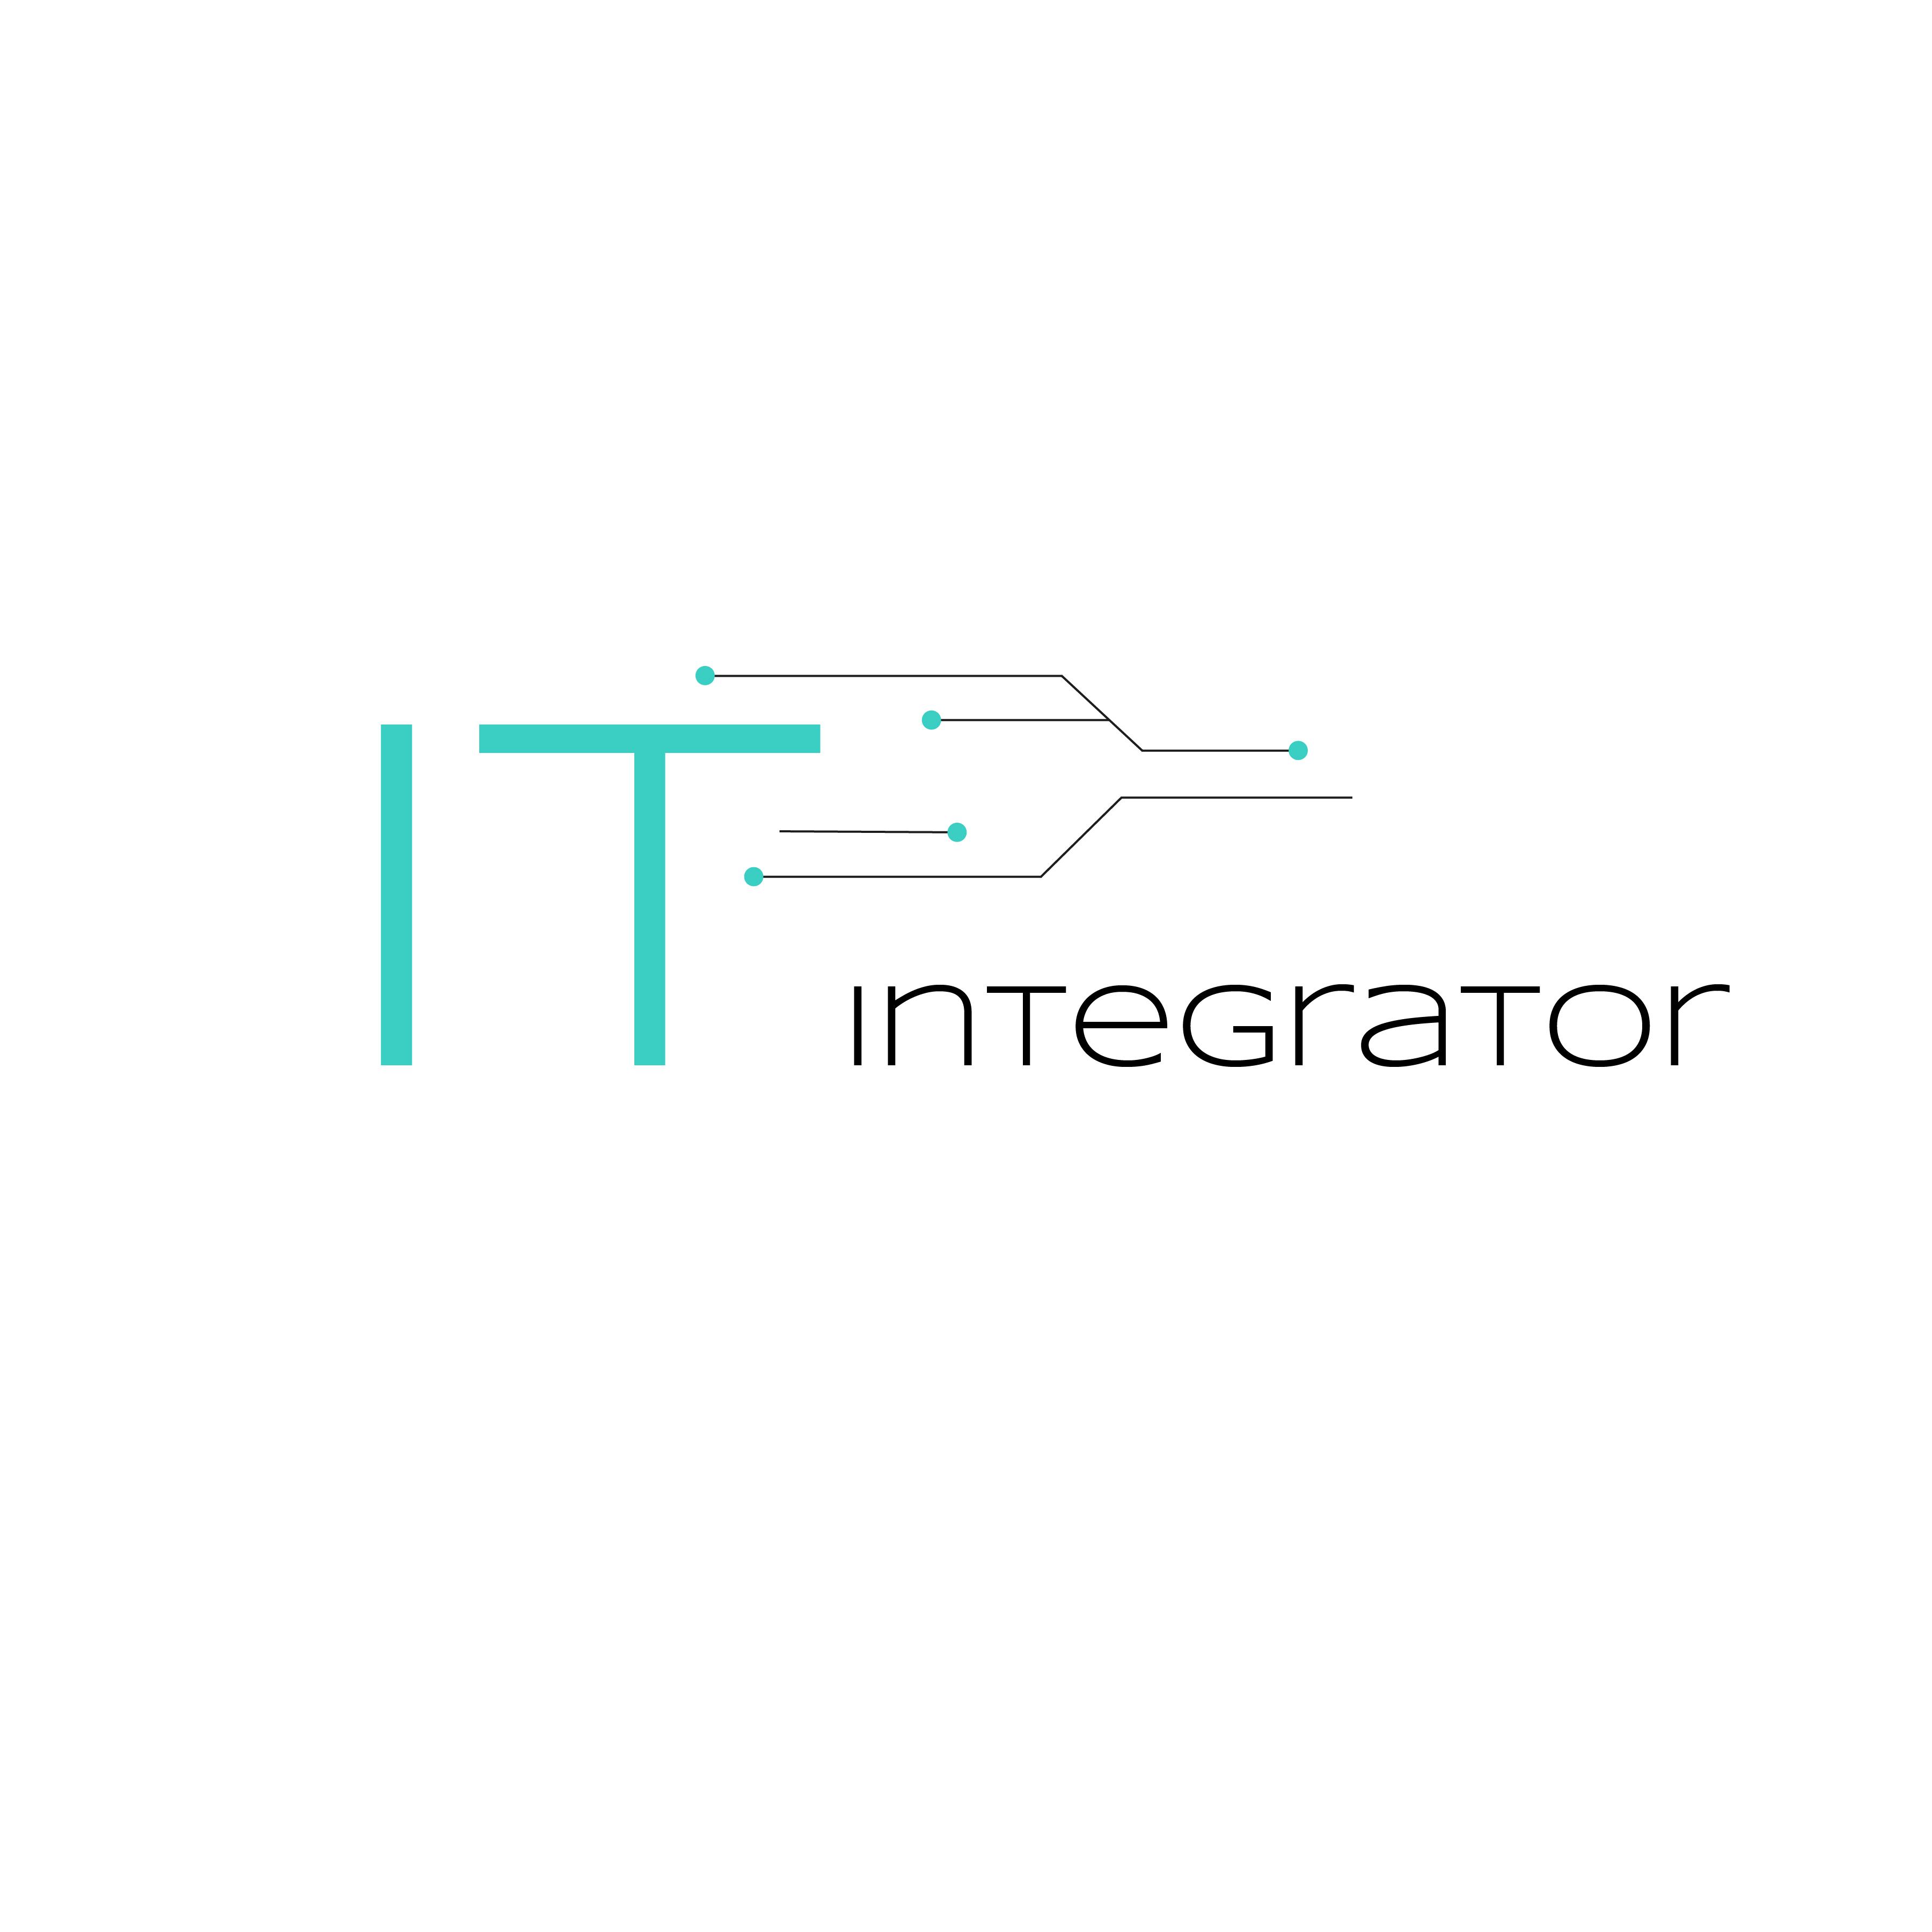 Логотип для IT интегратора фото f_794614c955d41f4a.jpg